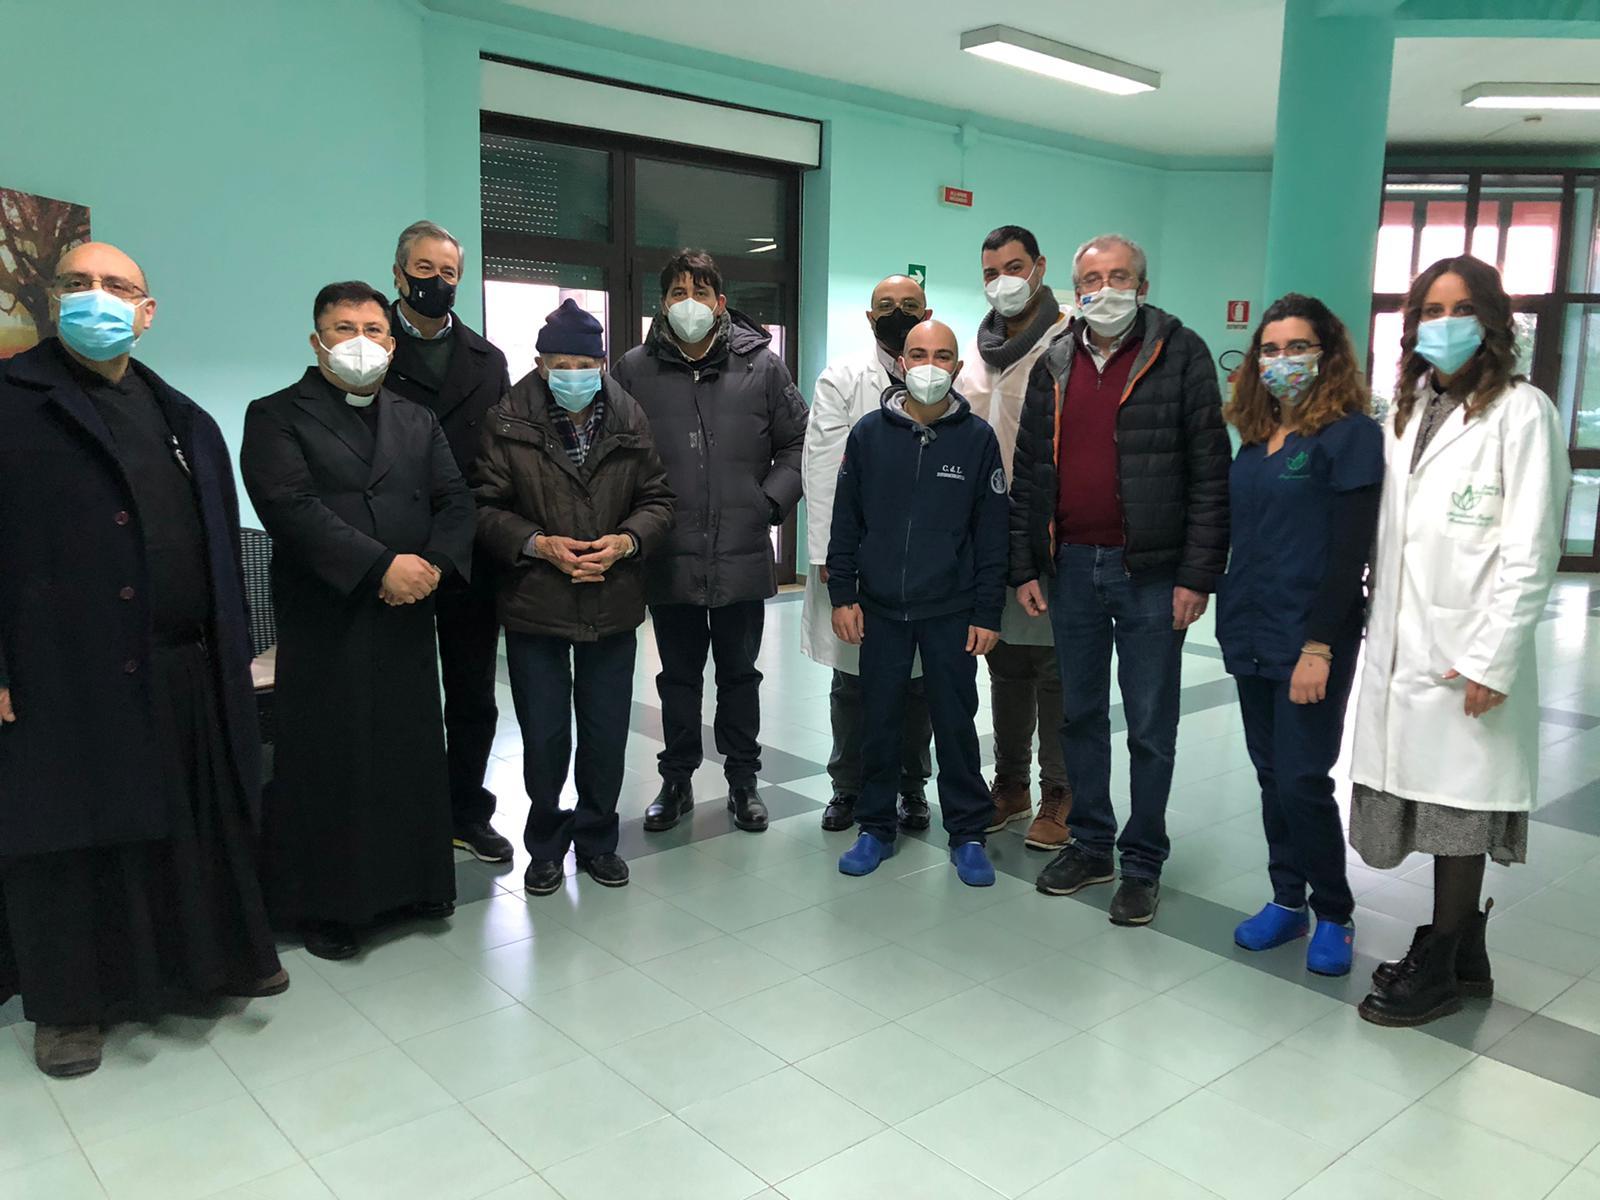 Airola, Villa San Giorgio: vaccinati 41 anziani